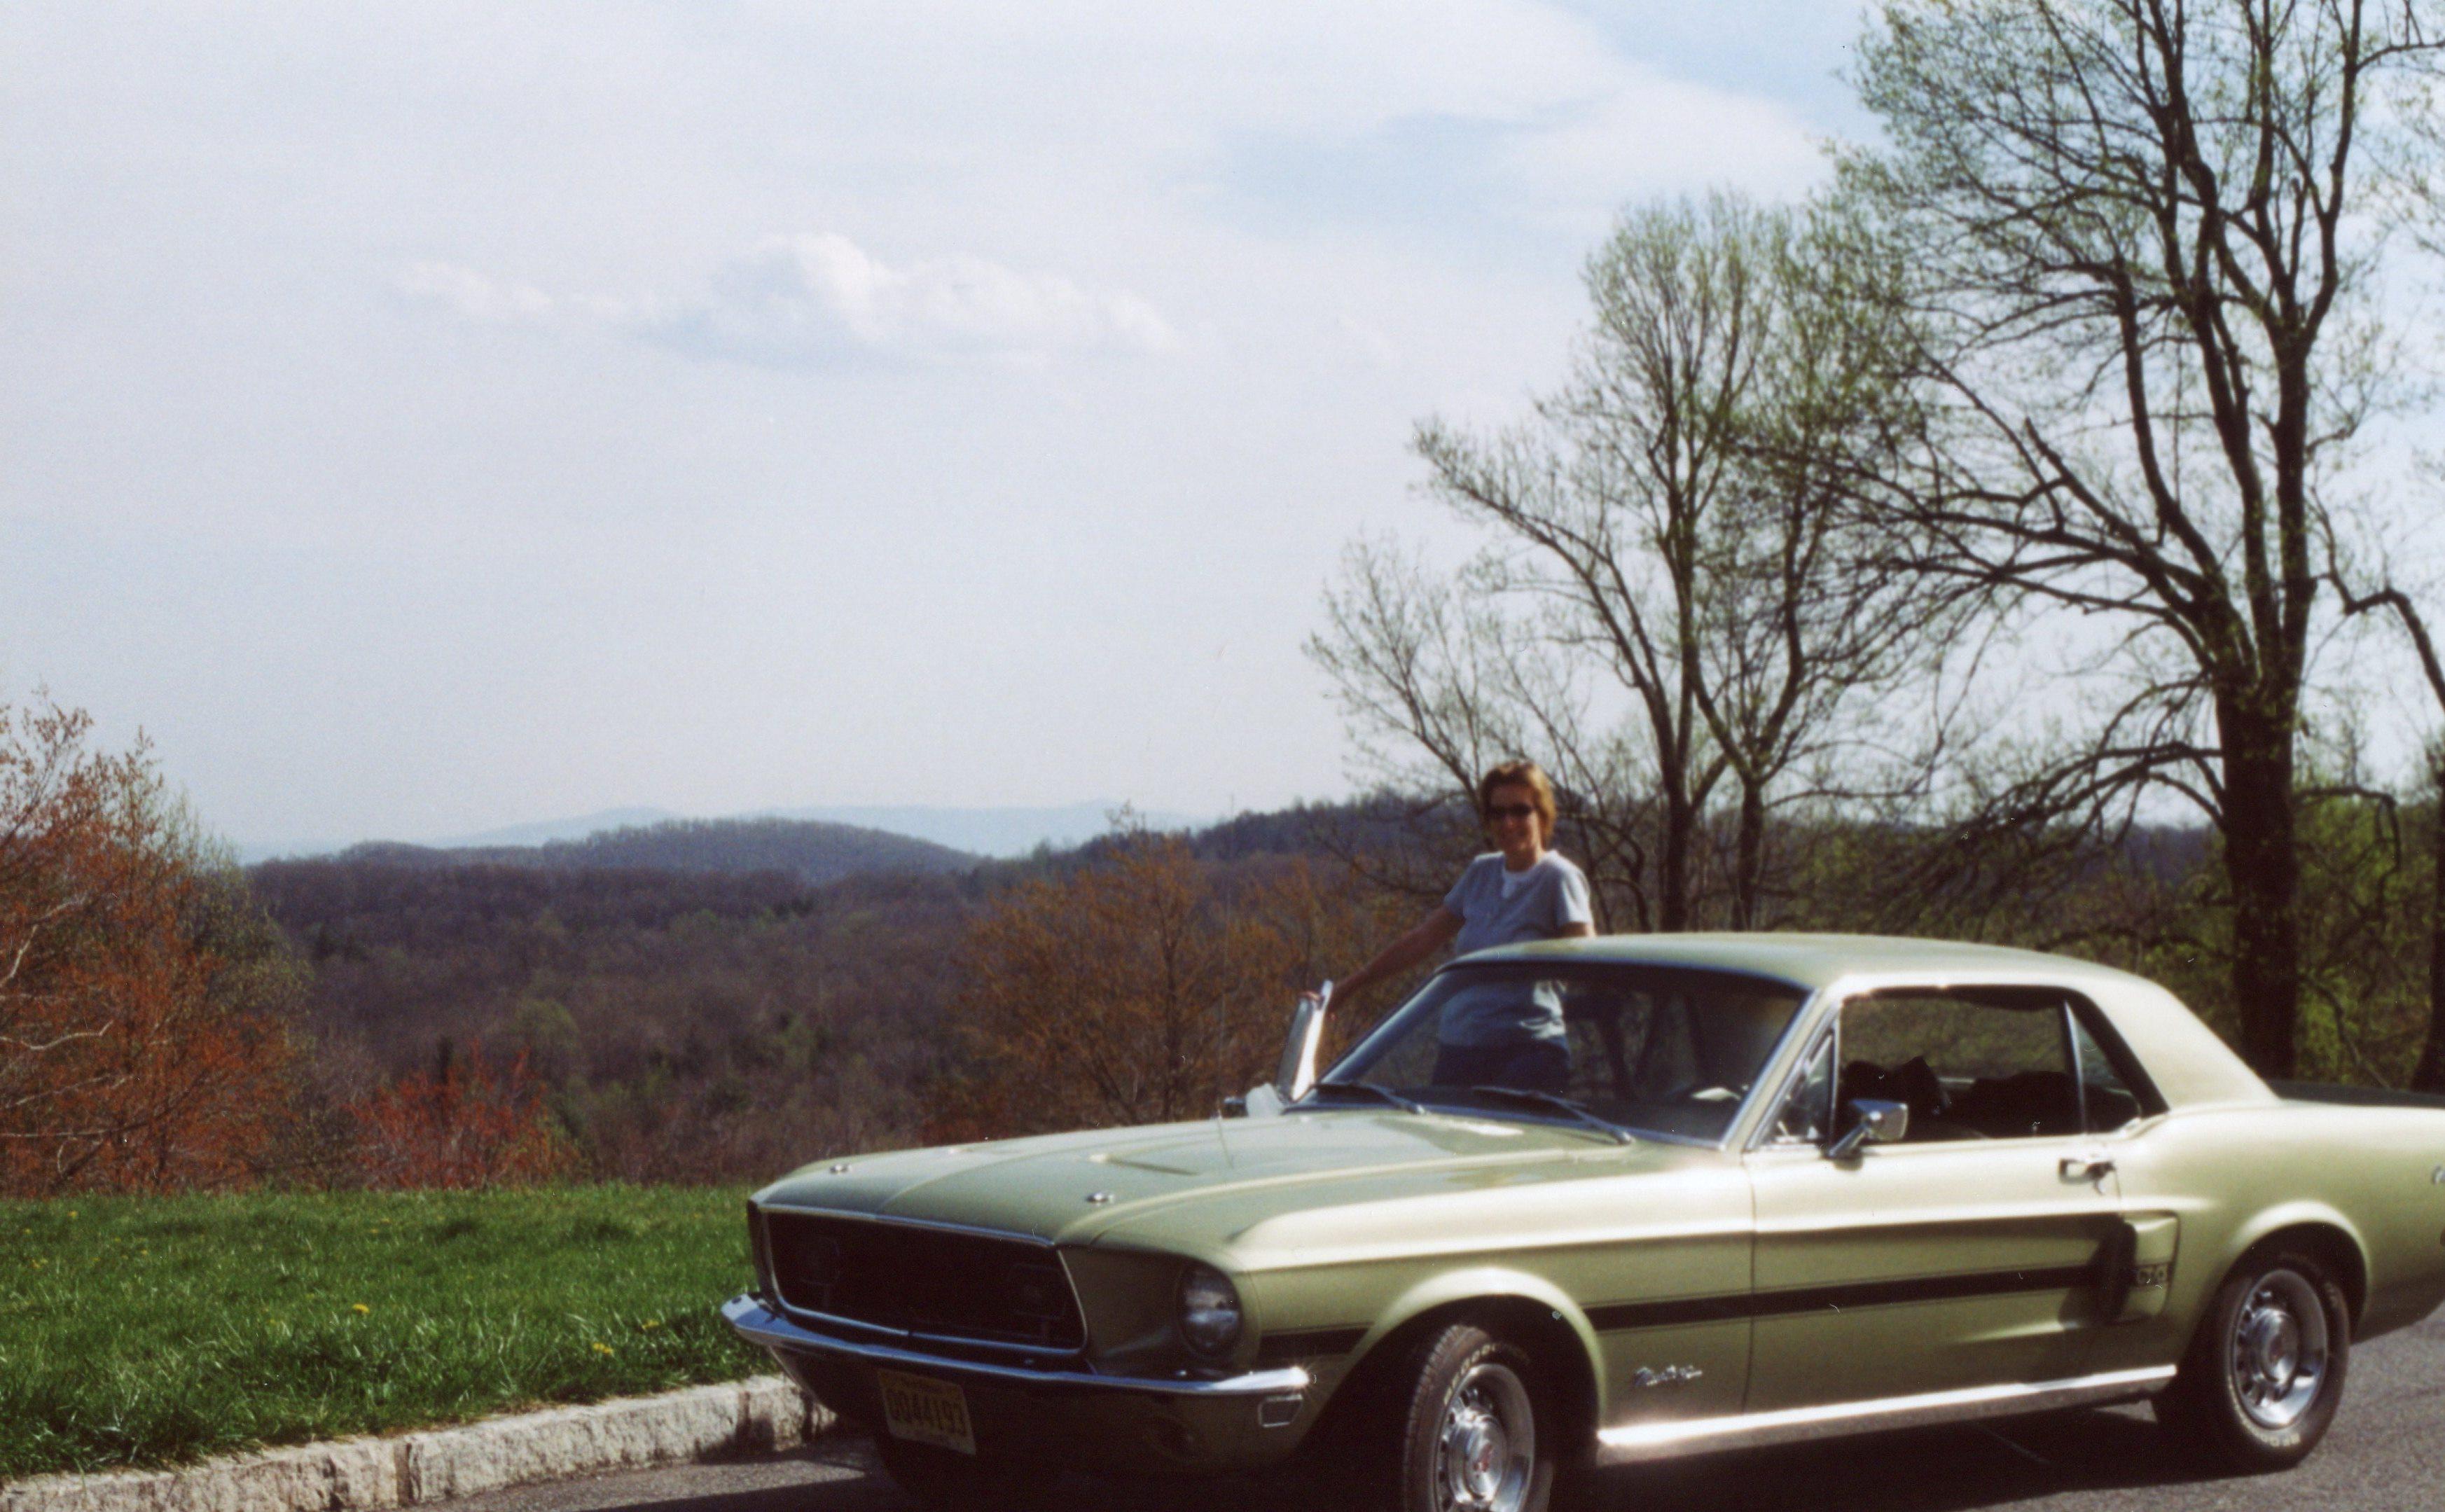 My wife takes in the beautiful Virginia scenery